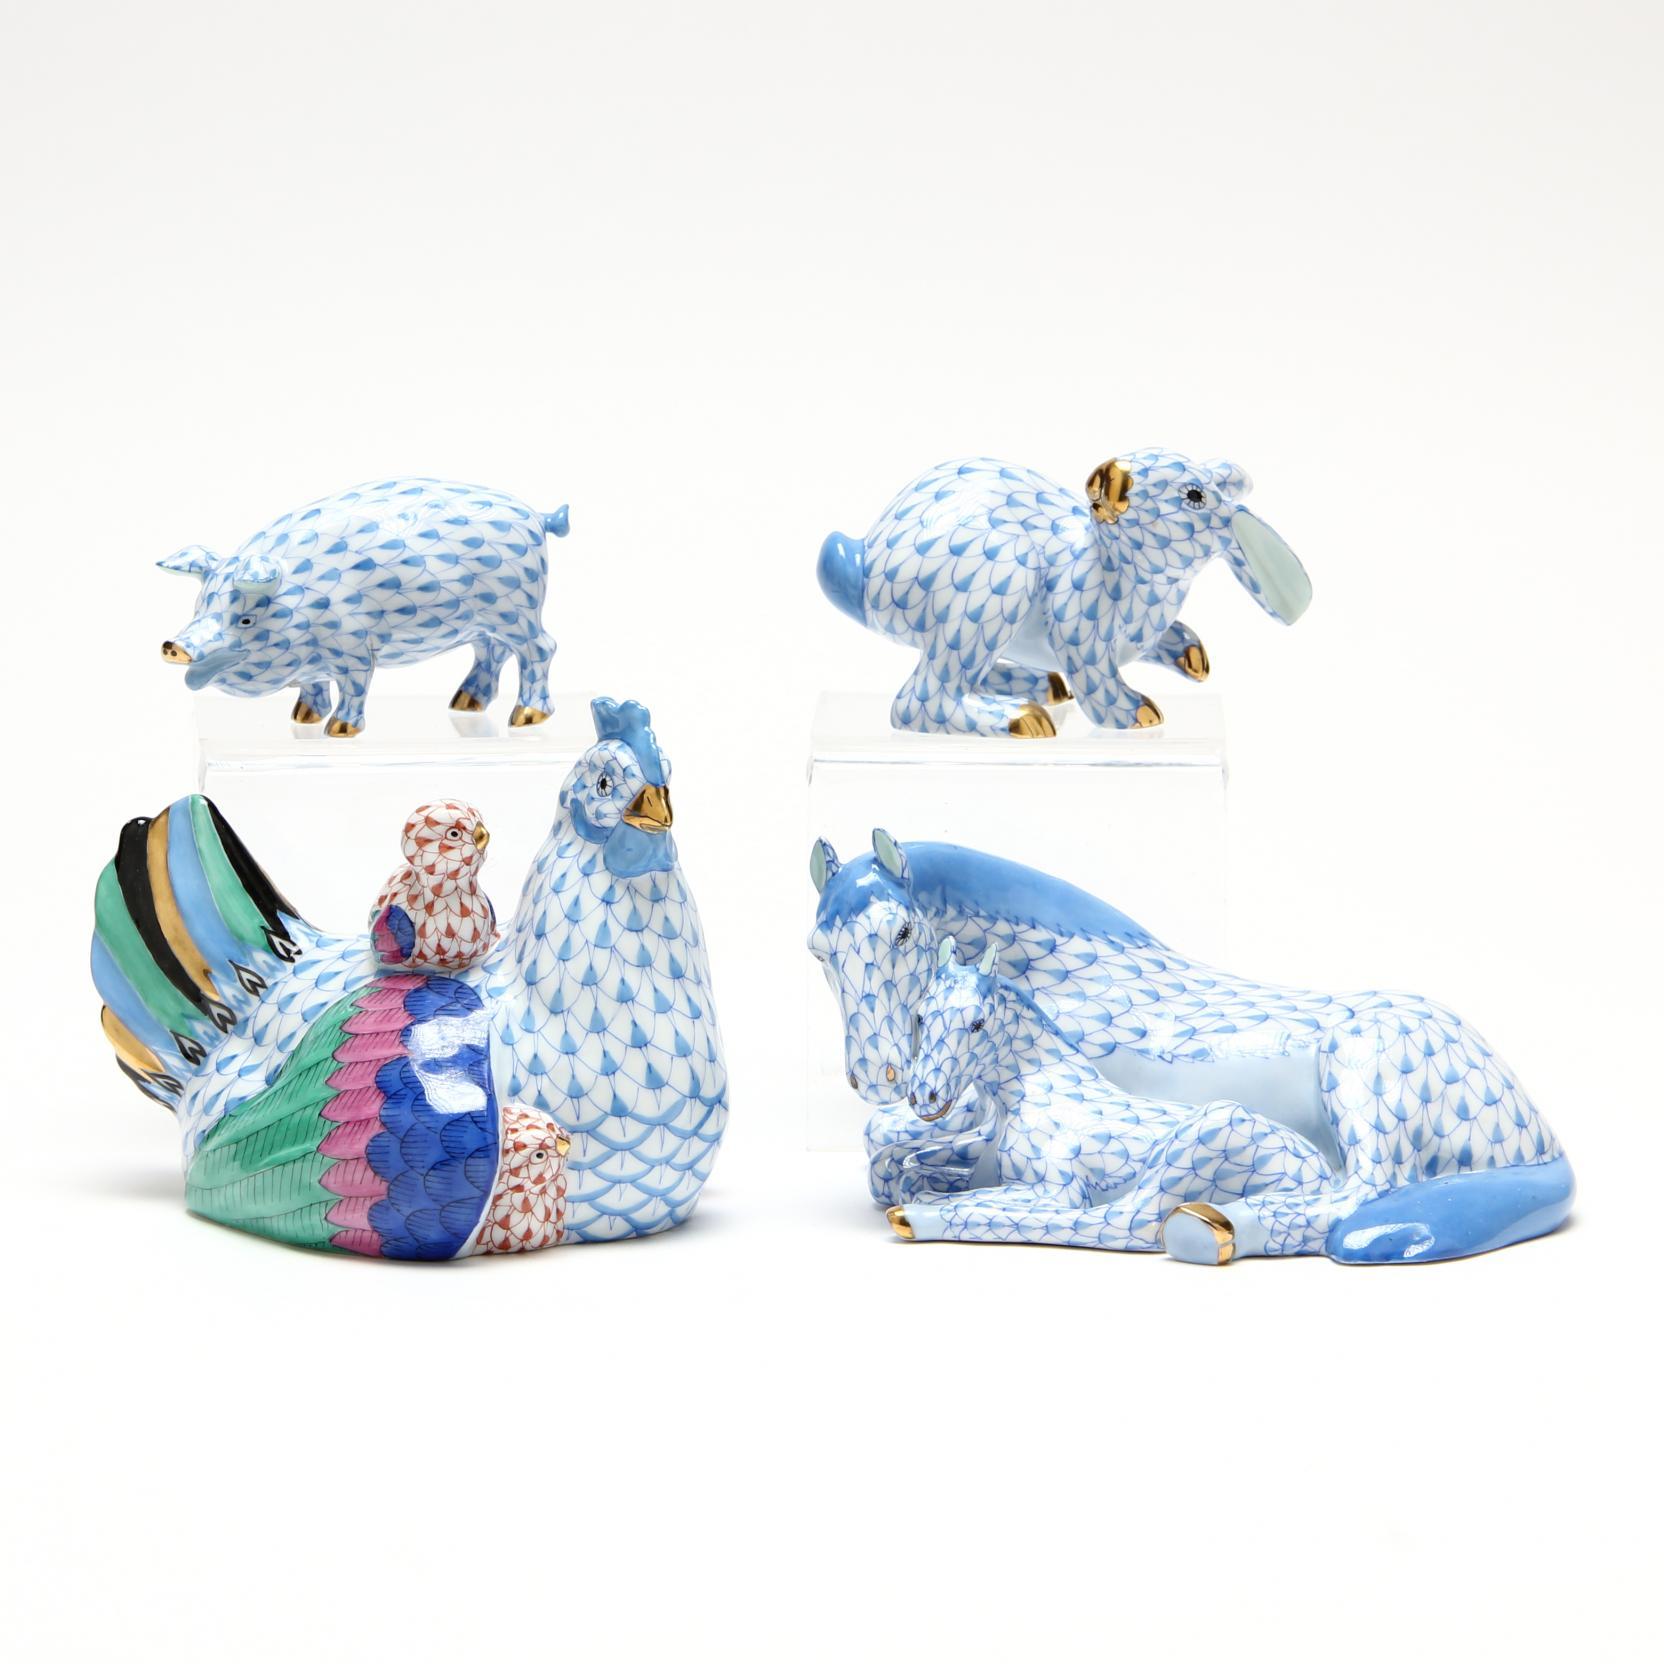 herend-barnyard-series-animal-figurines